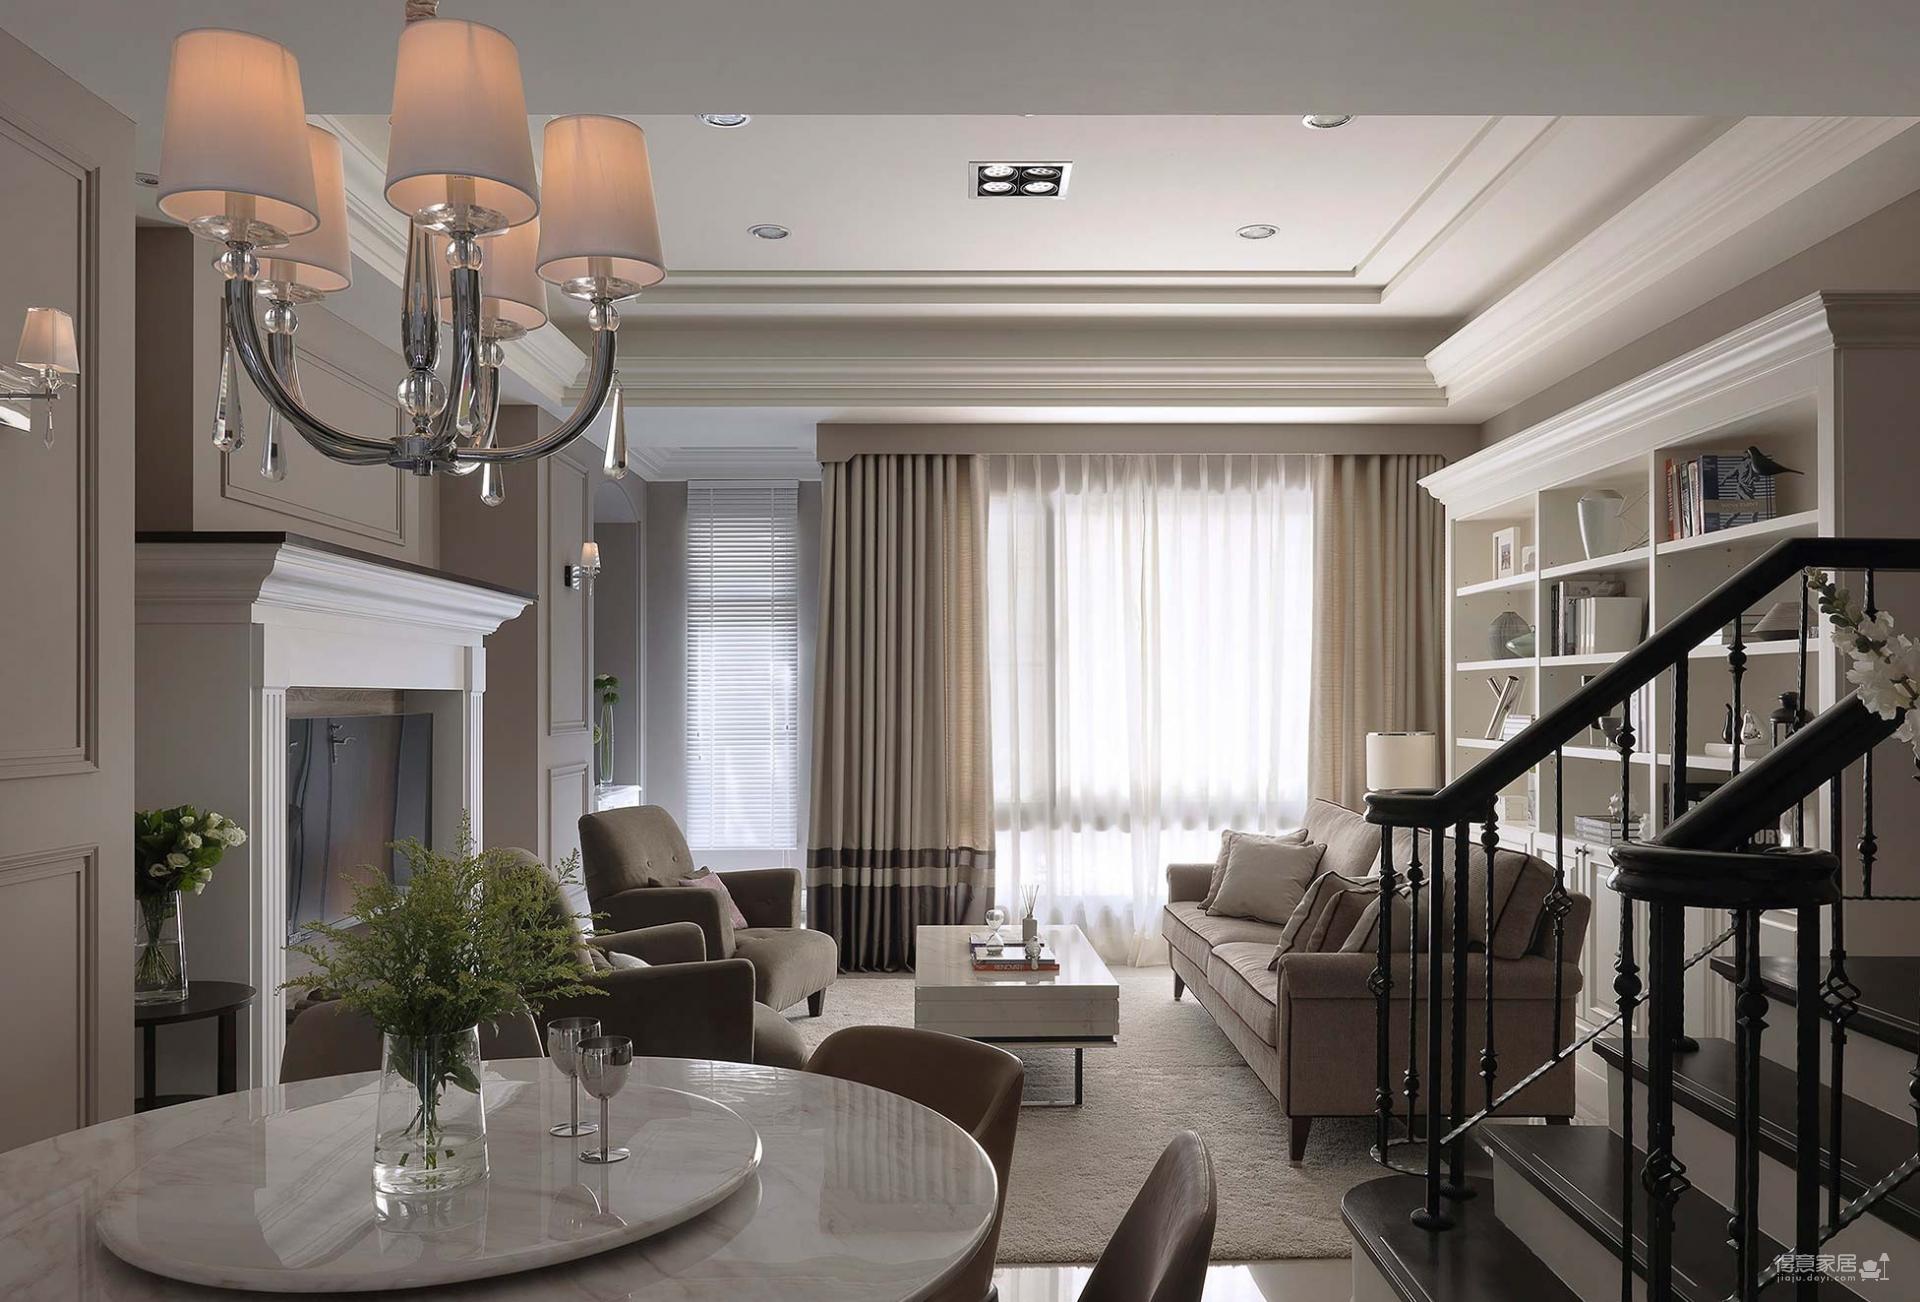 【新古典】172平四室 风姿绰约的新古典居宅图_12